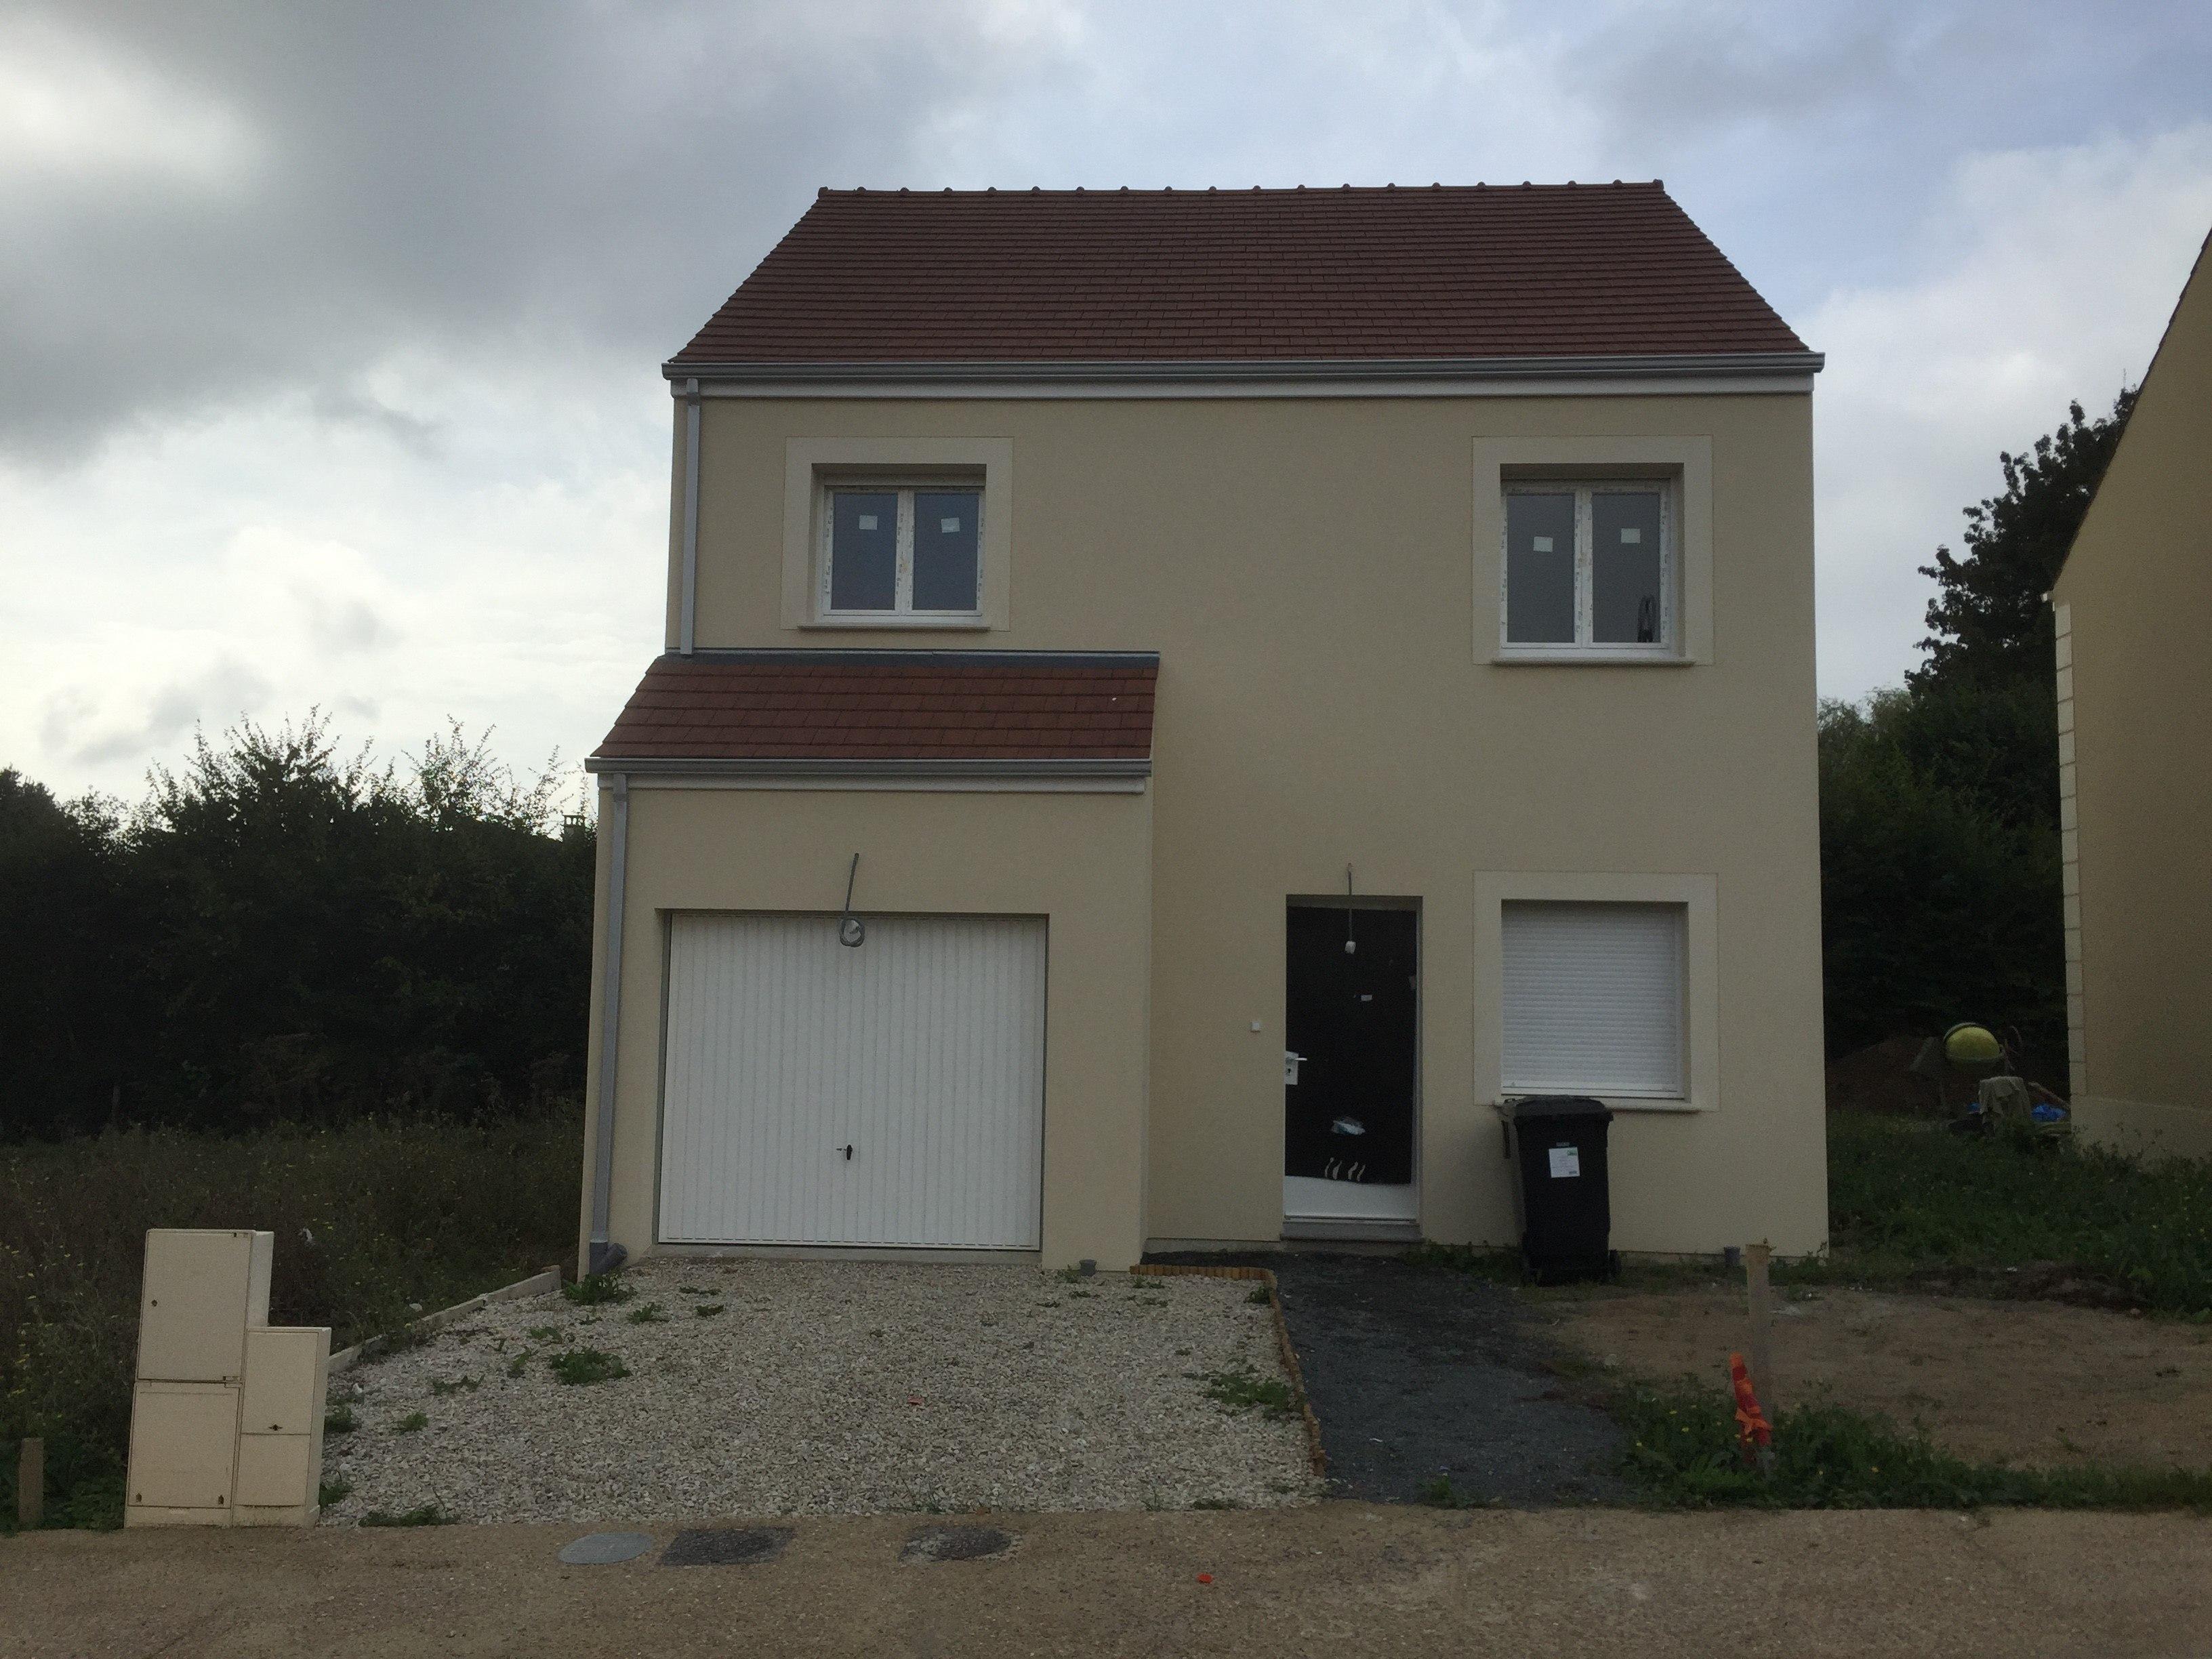 Maison + terrain à SAINT-MARD (77230) dans la SEINE-ET-MARNE